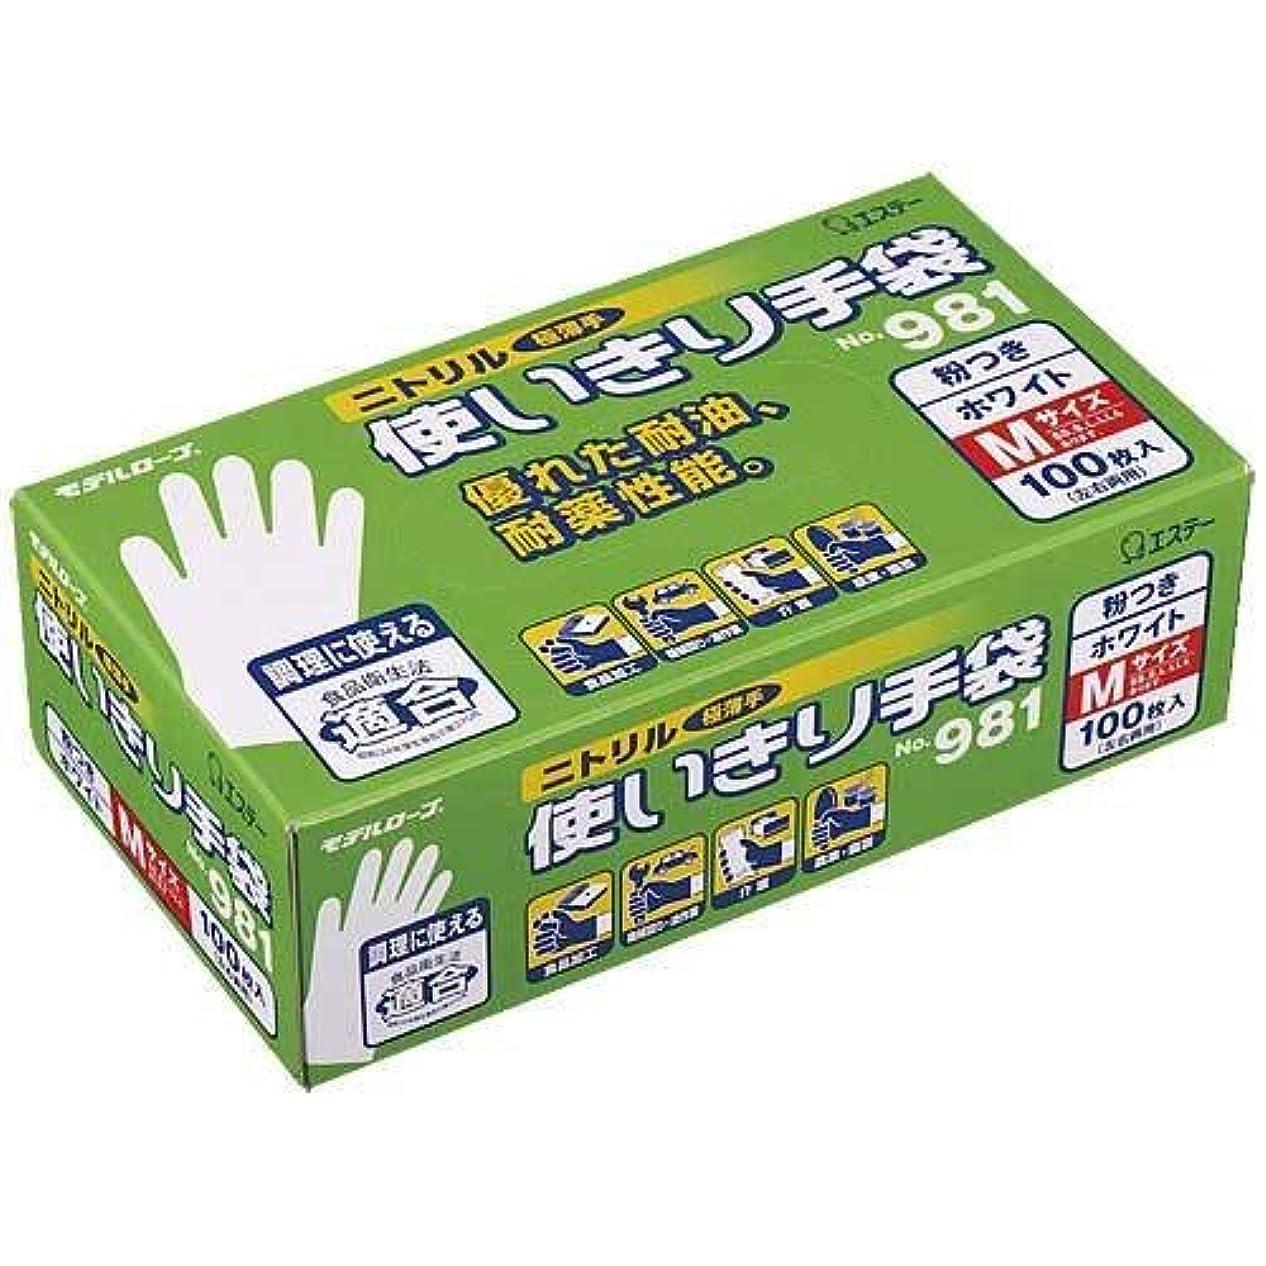 暗唱する学期炎上エステー ニトリル手袋 粉付(100枚入)M ホワイト No.981